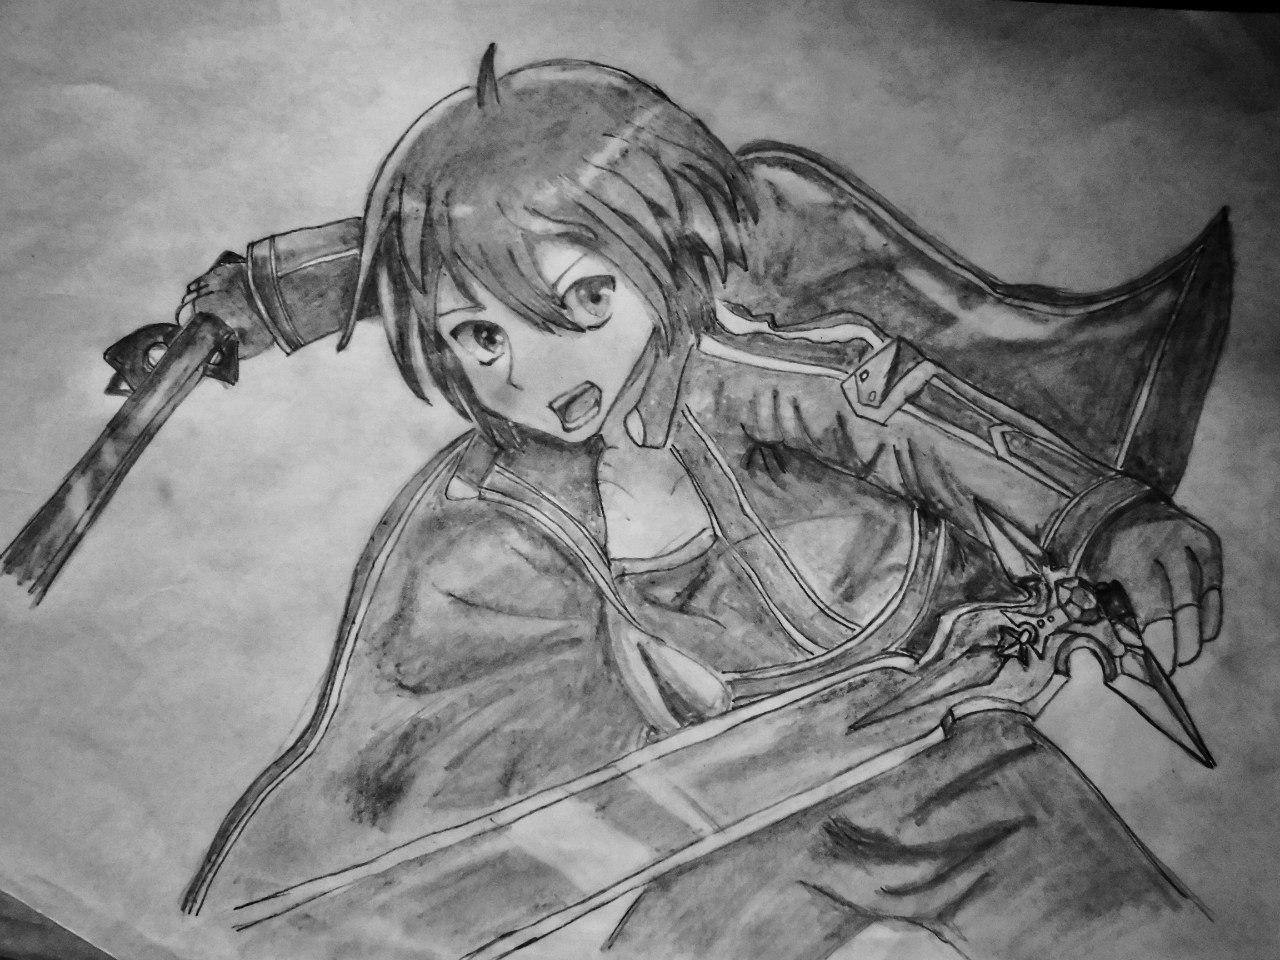 Рисуем Кадзуто Киригая с двумя мечами карандашами - шаг 8